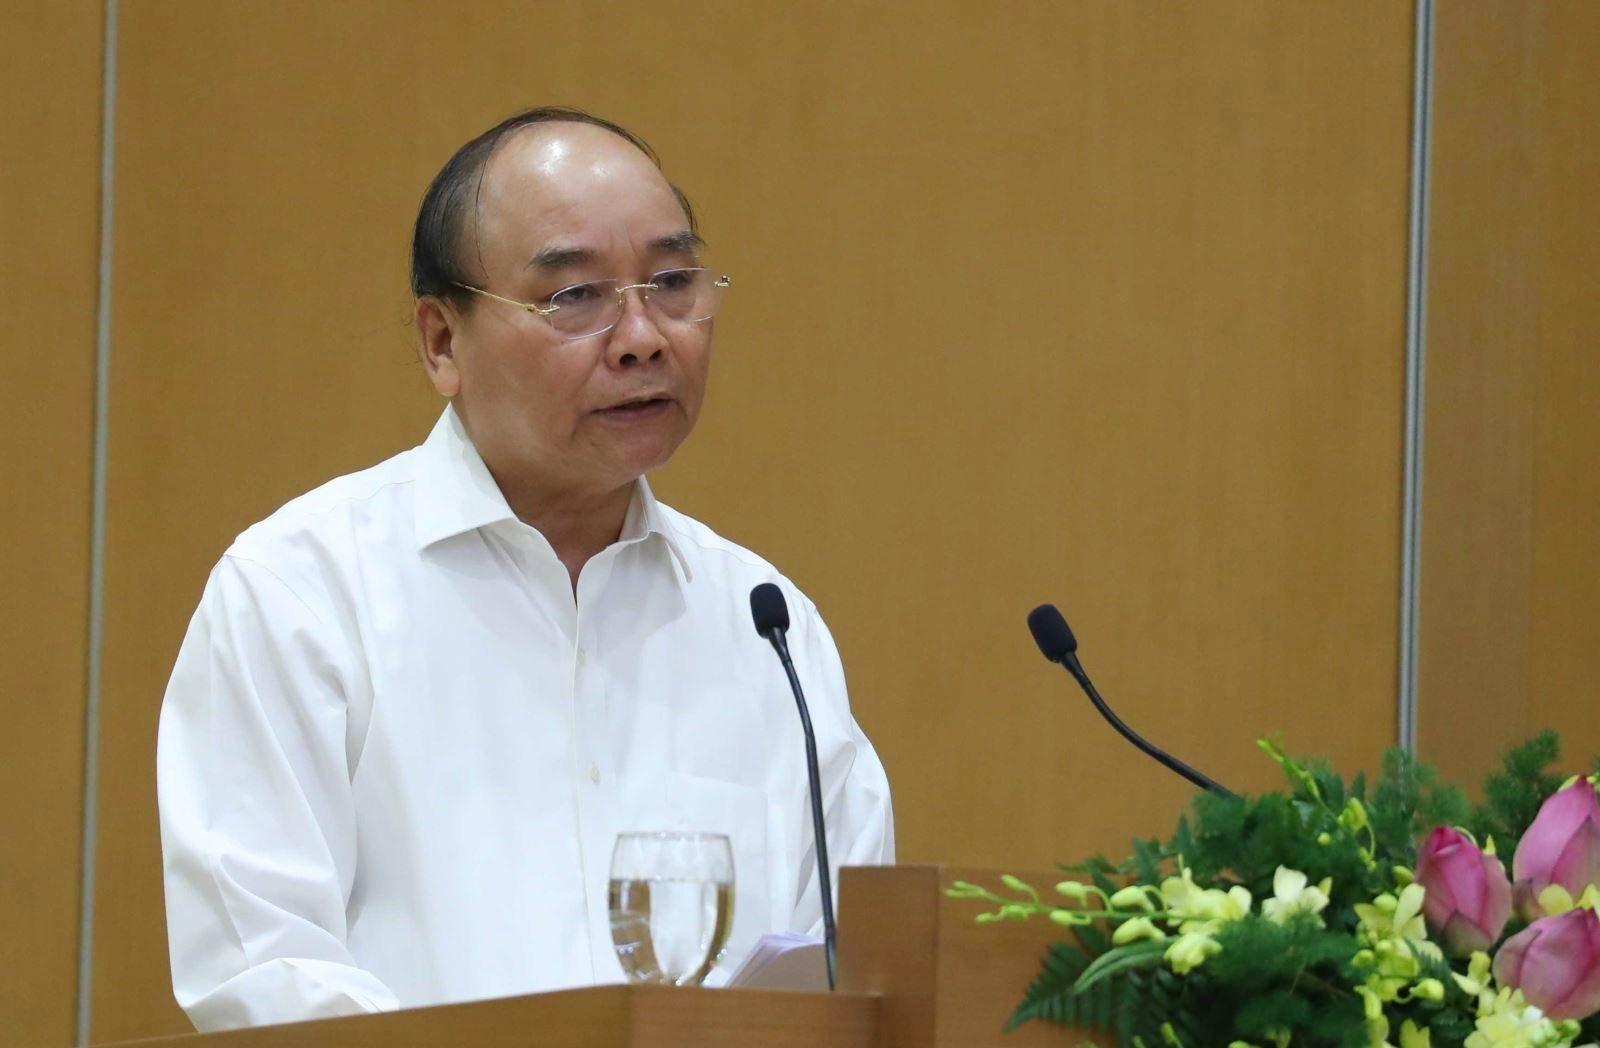 Thủ tướng Nguyễn Xuân Phúc phát biểu khai mạc Hội nghị. Ảnh: Thống Nhất/TTXVN